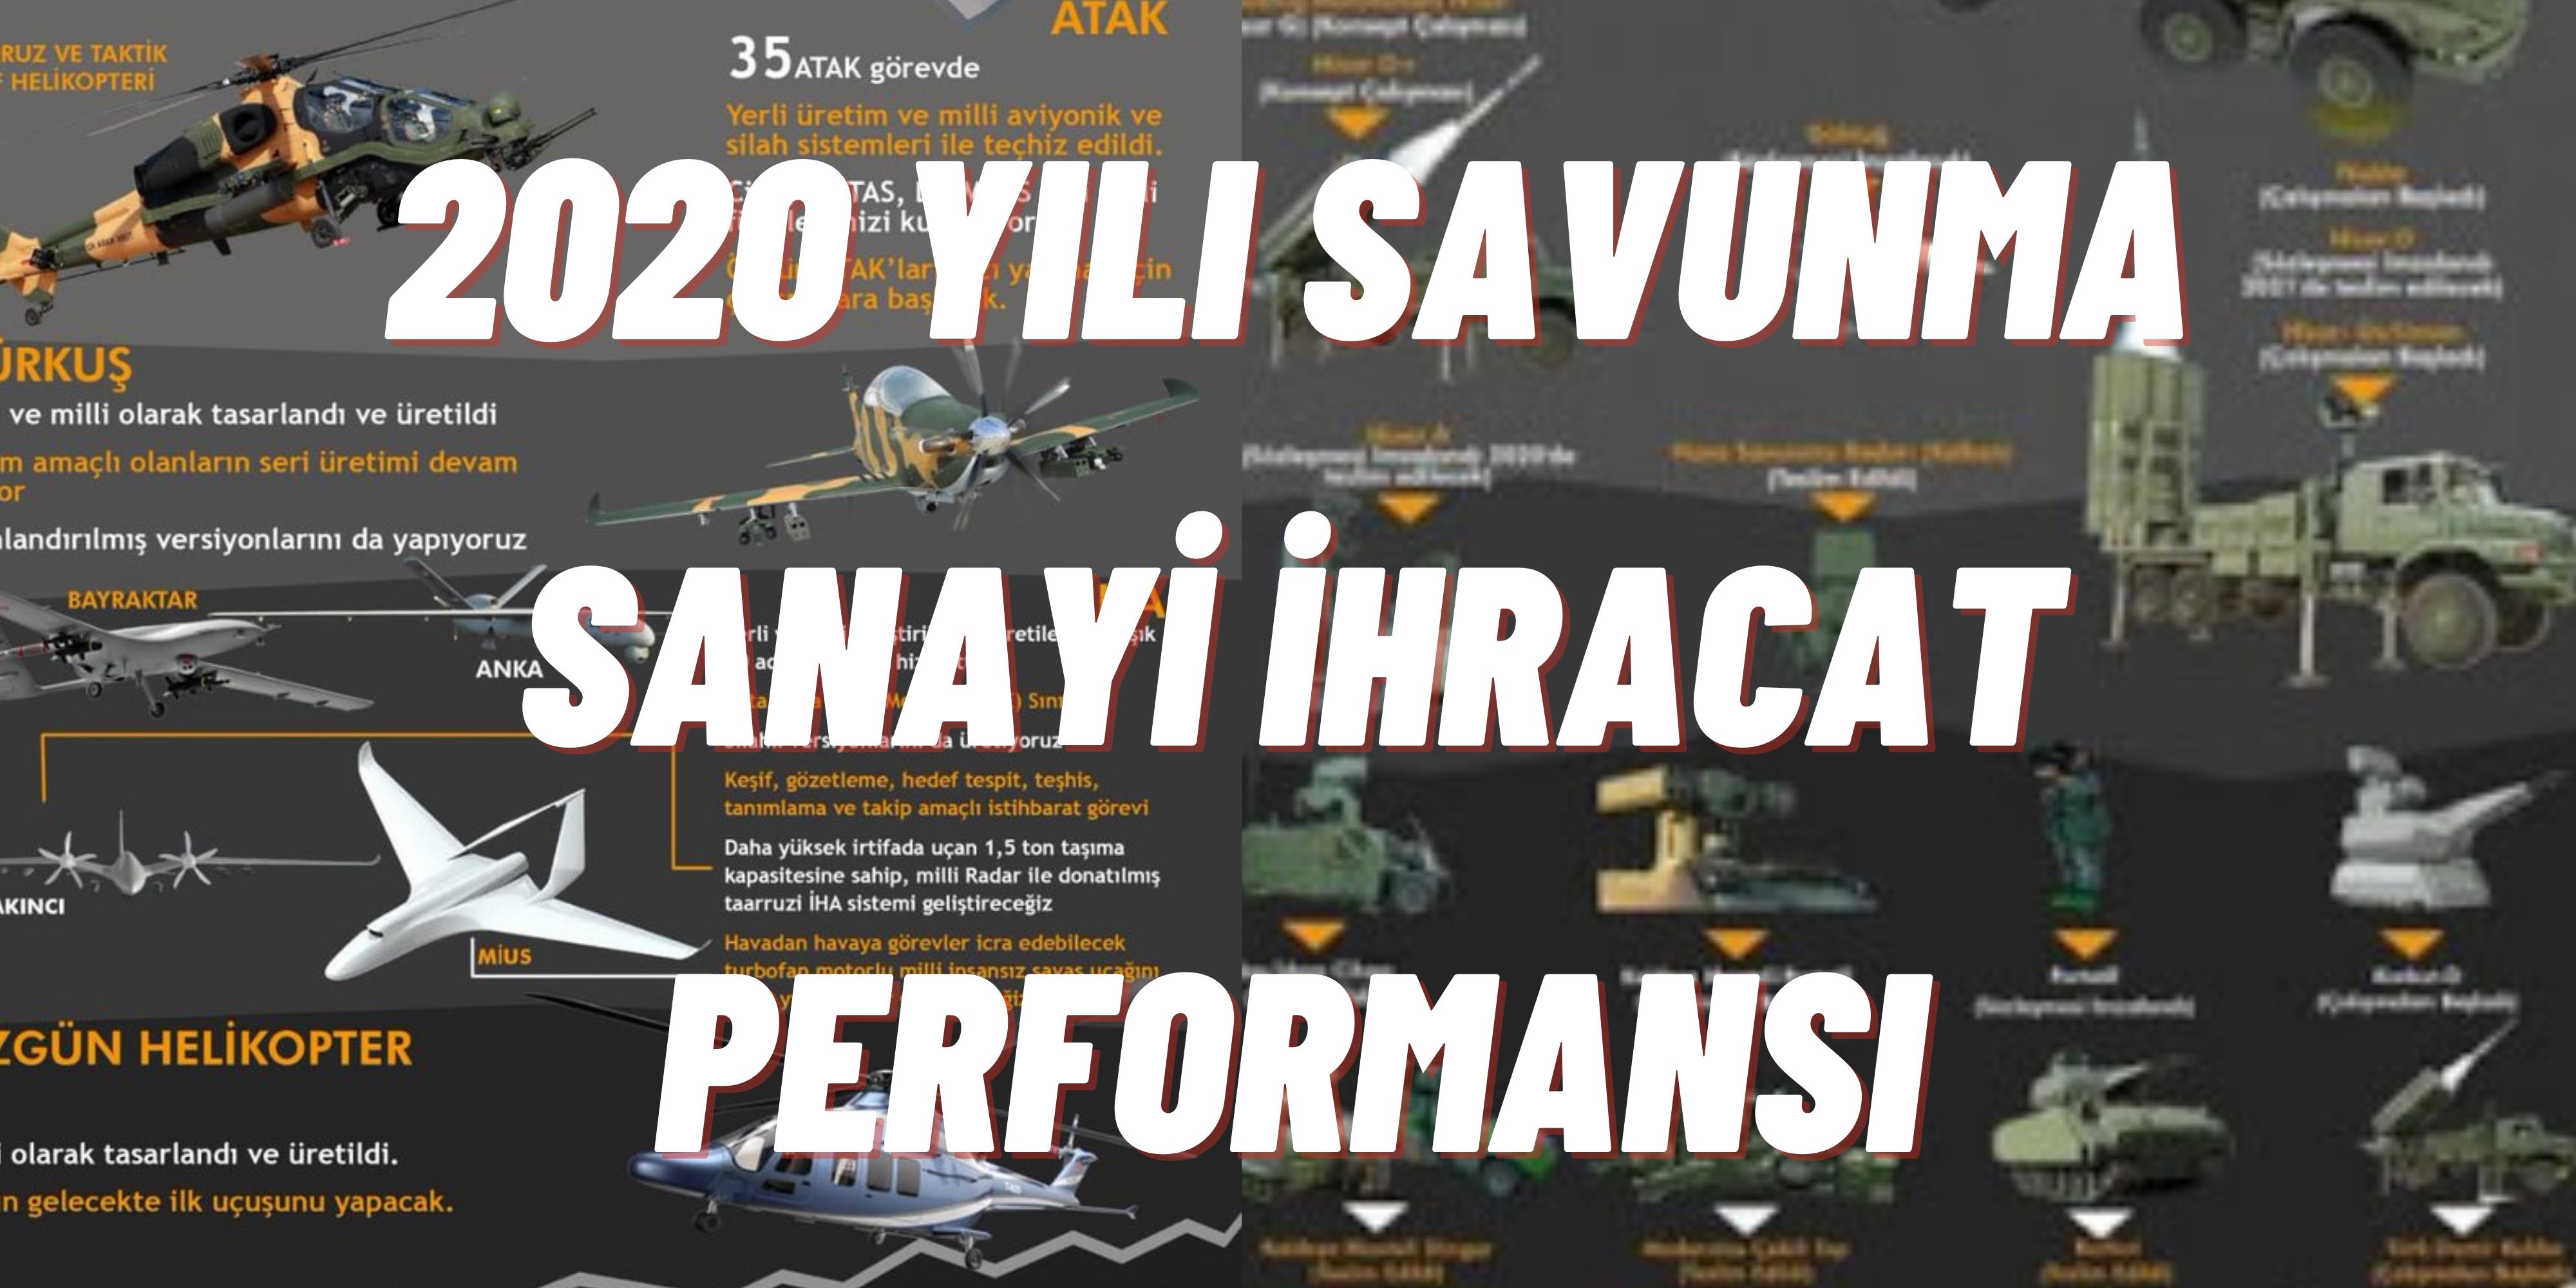 Türk Savunma ve Havacılık Sanayi'nin 2020 Yılı İhracat Performansı